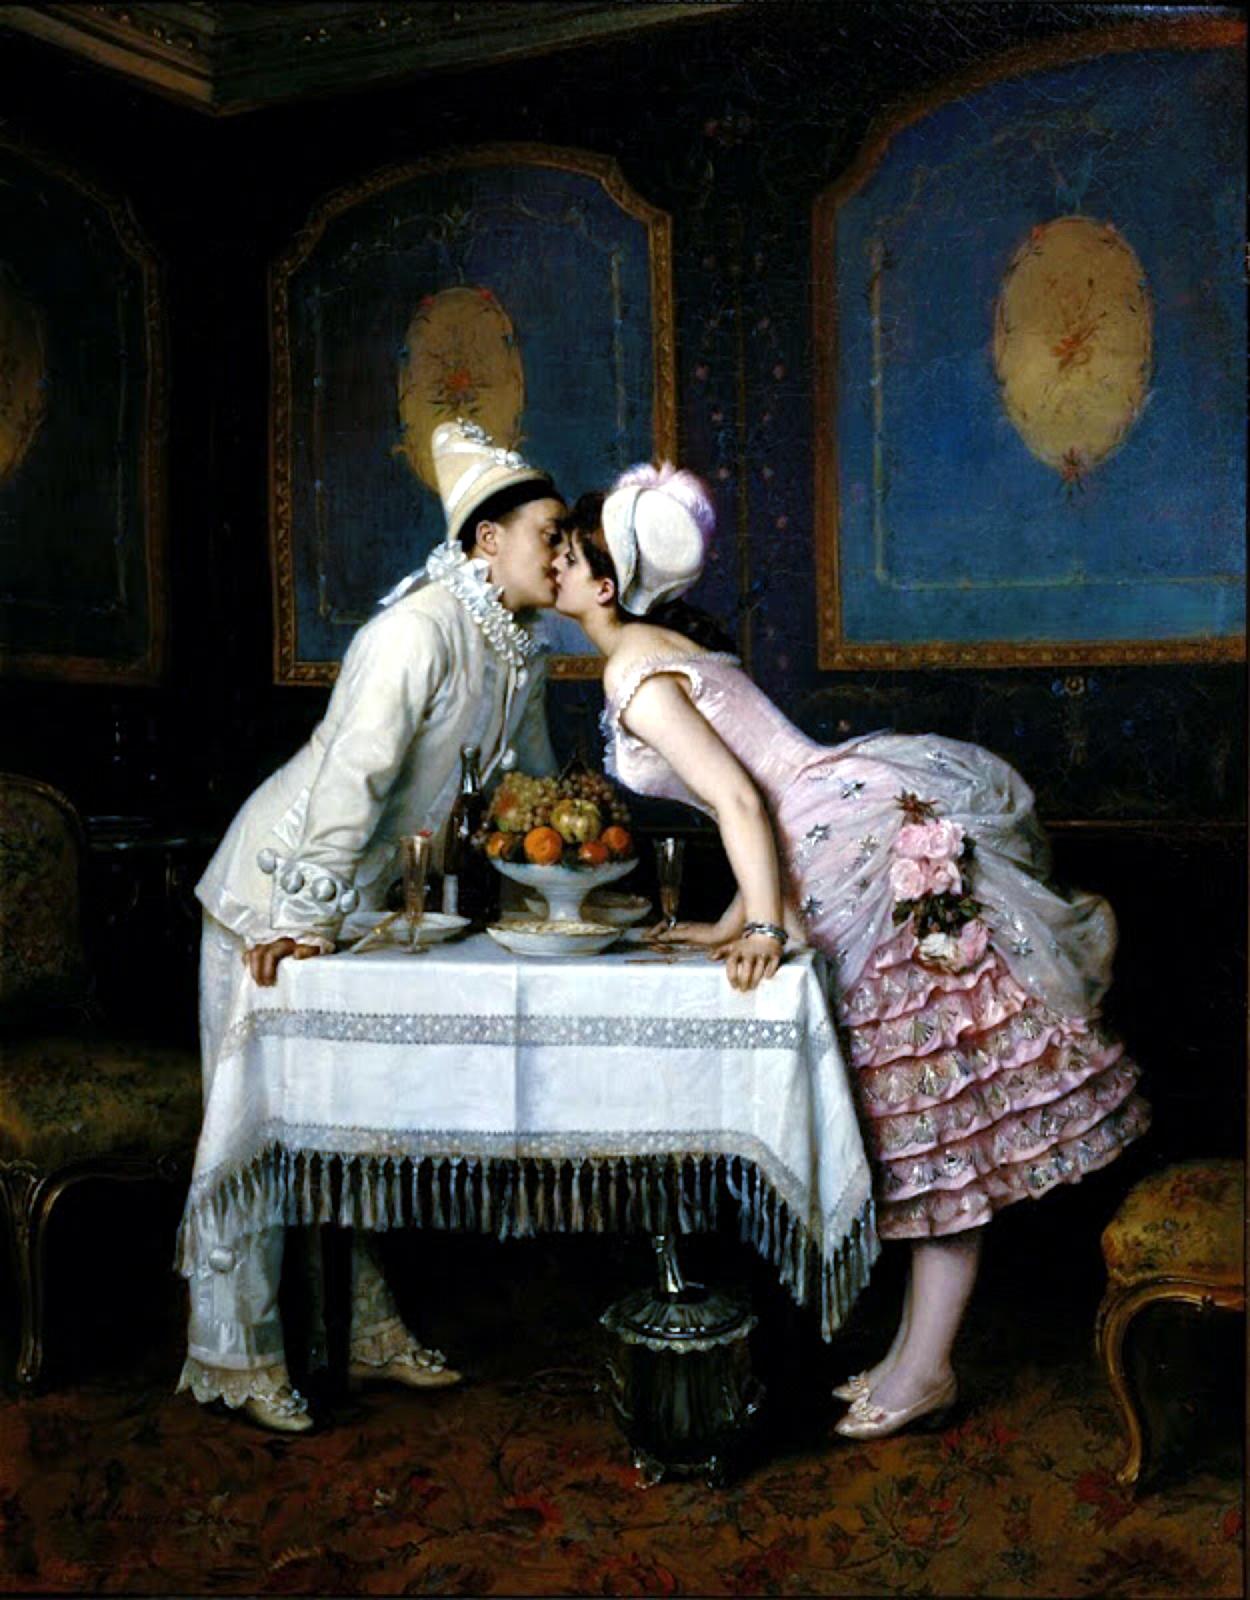 Le Baiser, Toulmouche, 1870